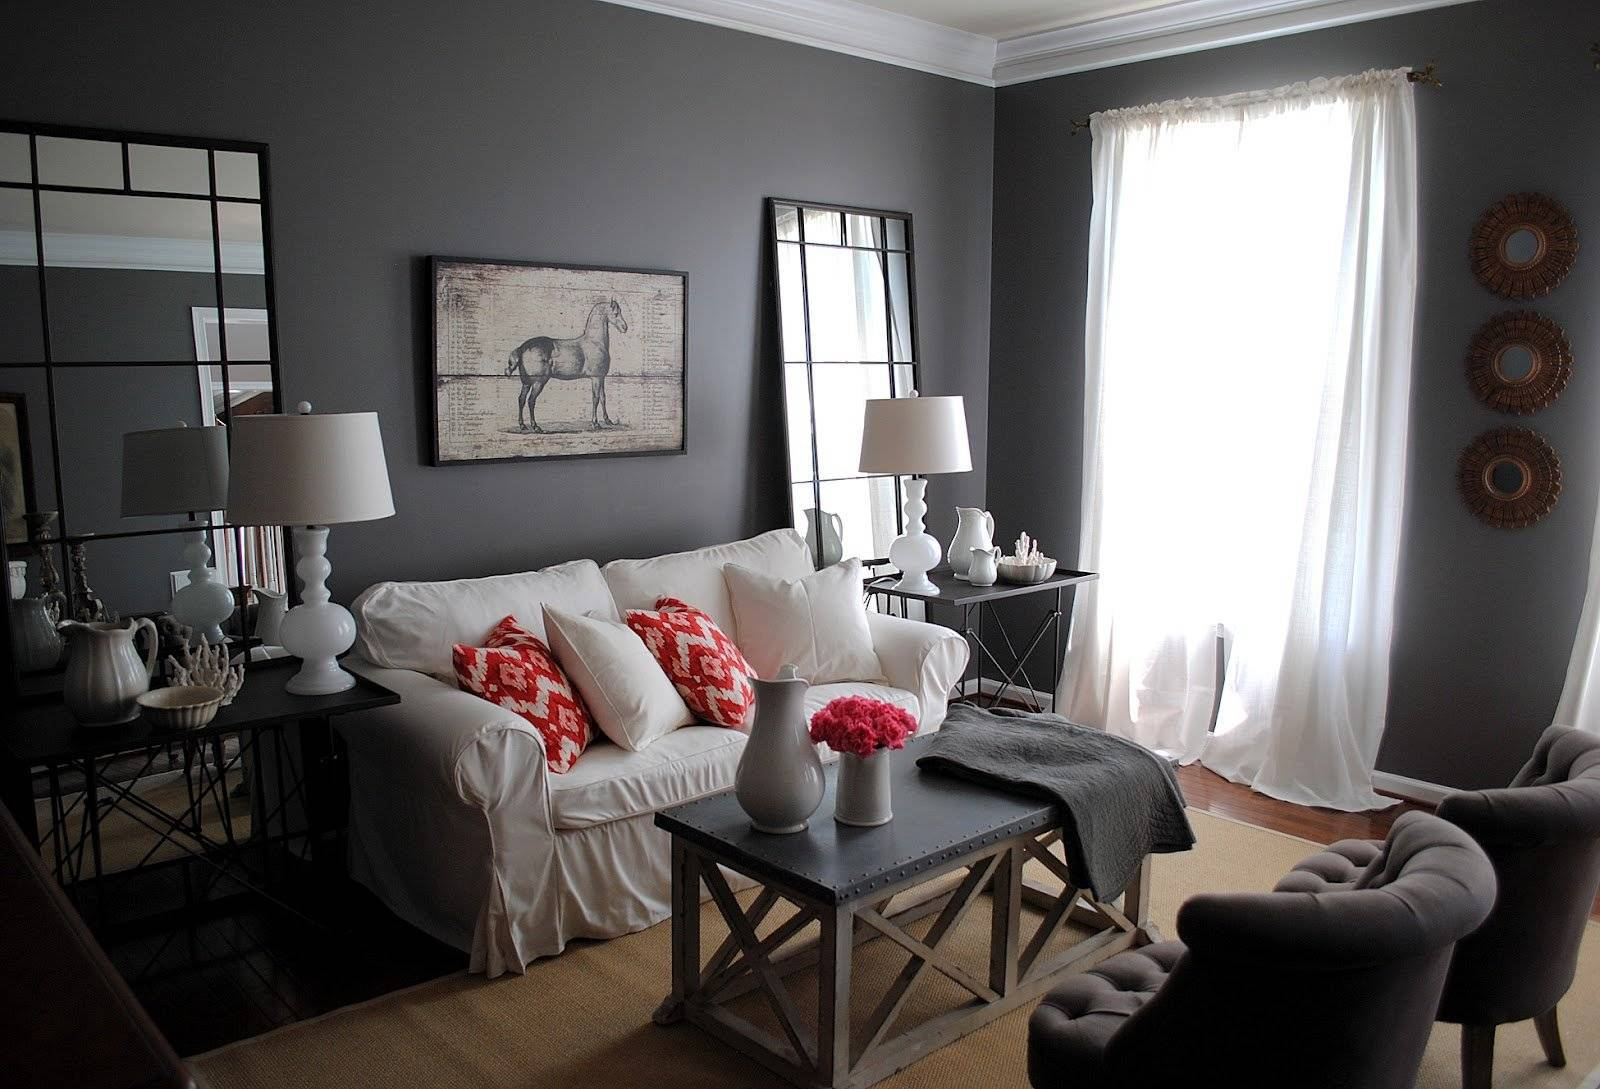 Дизайн зала 18 кв м в панельном доме - 45 фото в реальной квартире